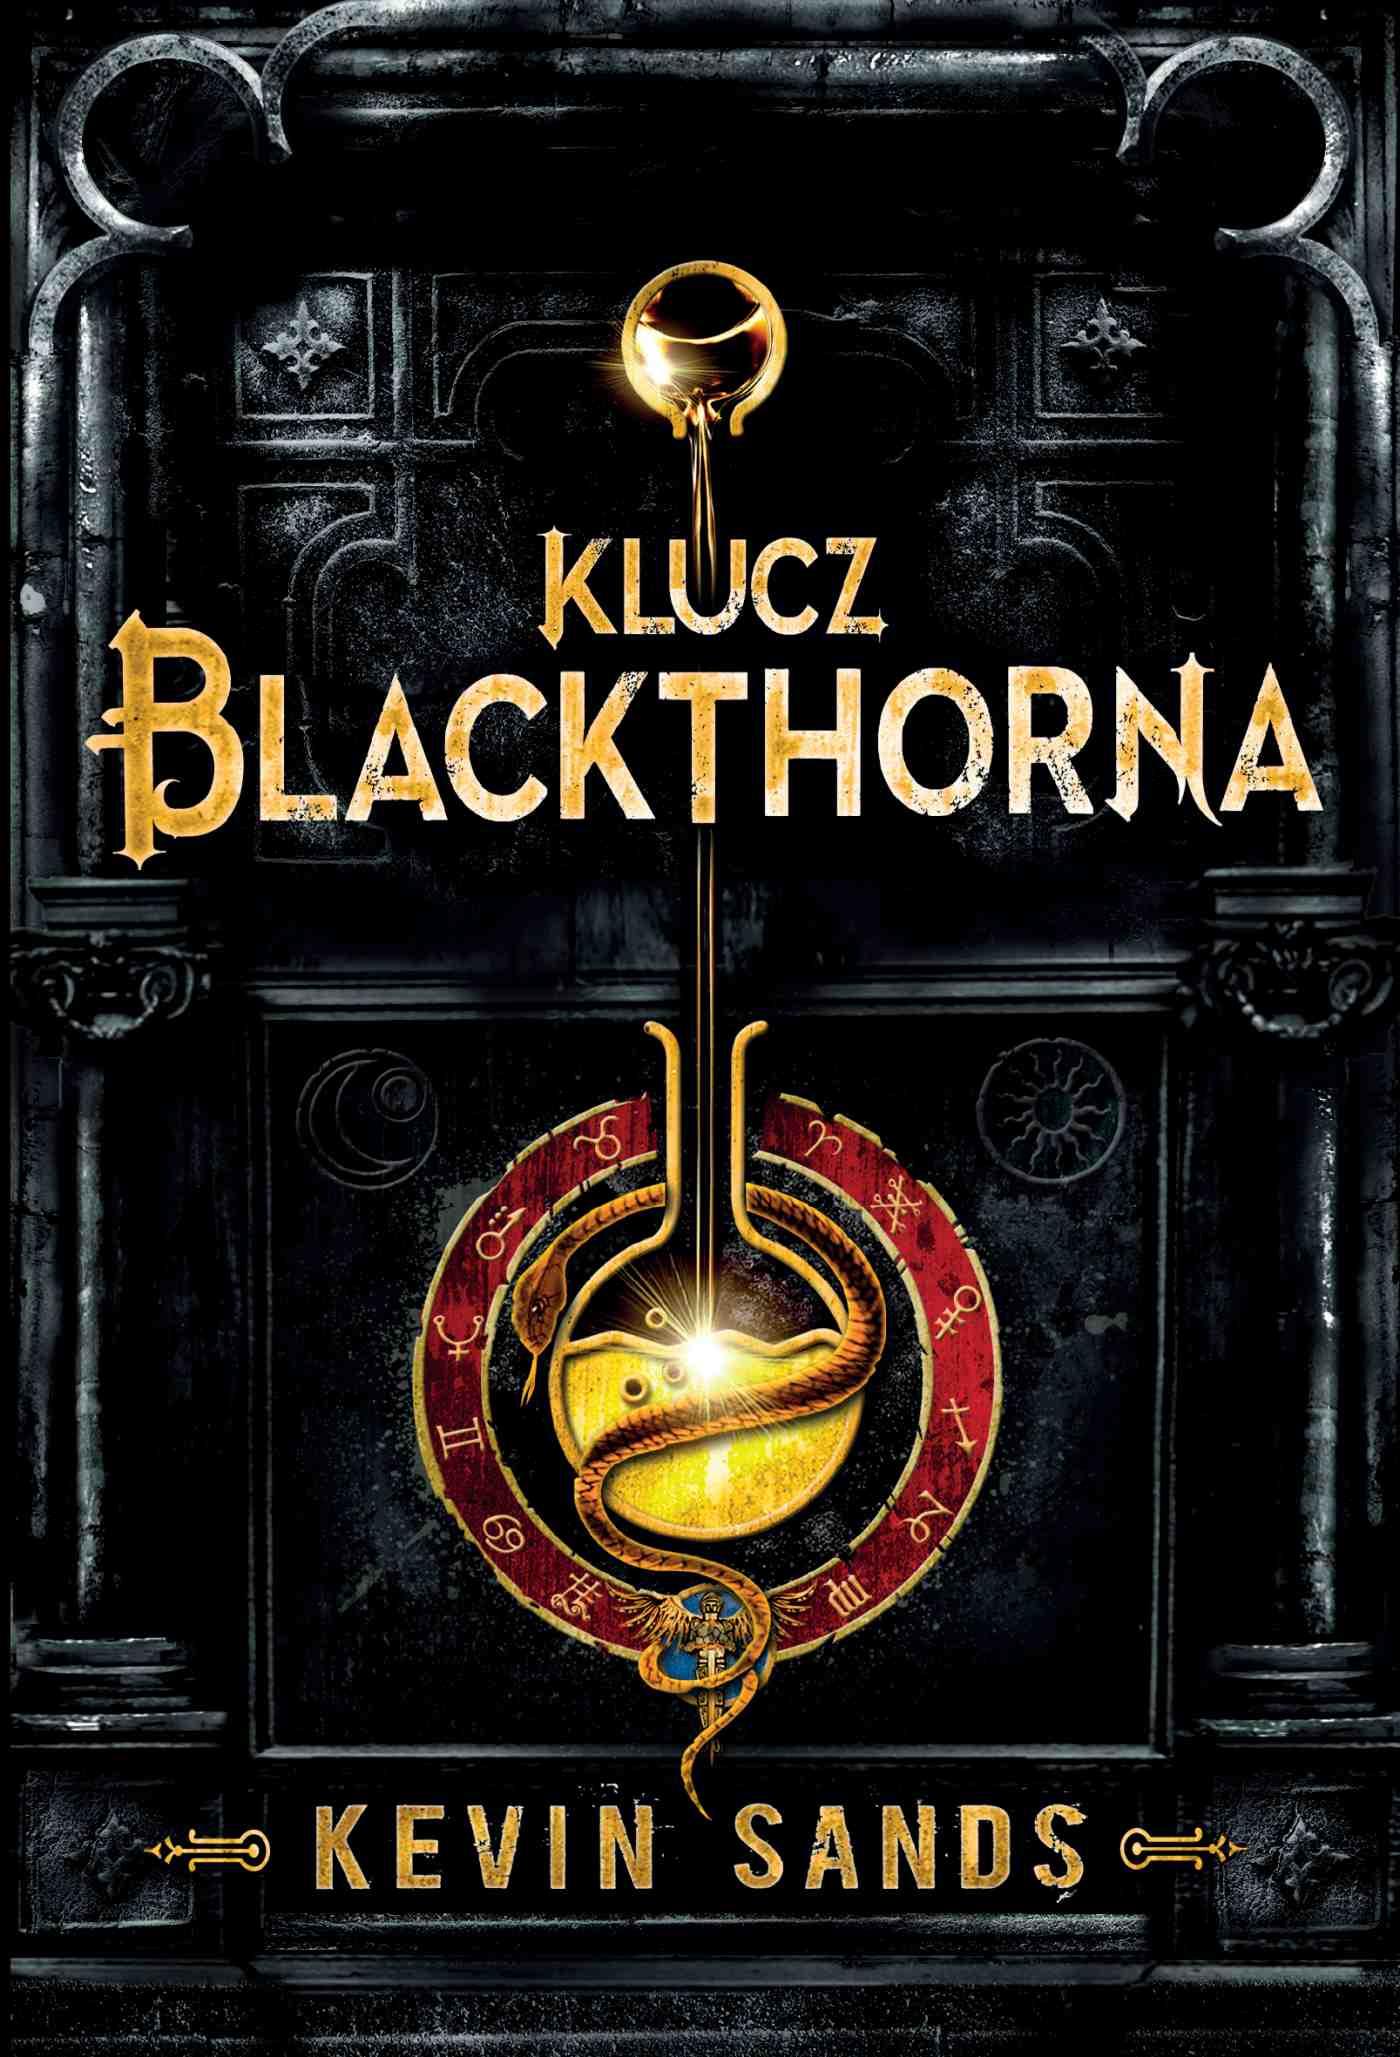 Klucz Blackthorna - Ebook (Książka EPUB) do pobrania w formacie EPUB